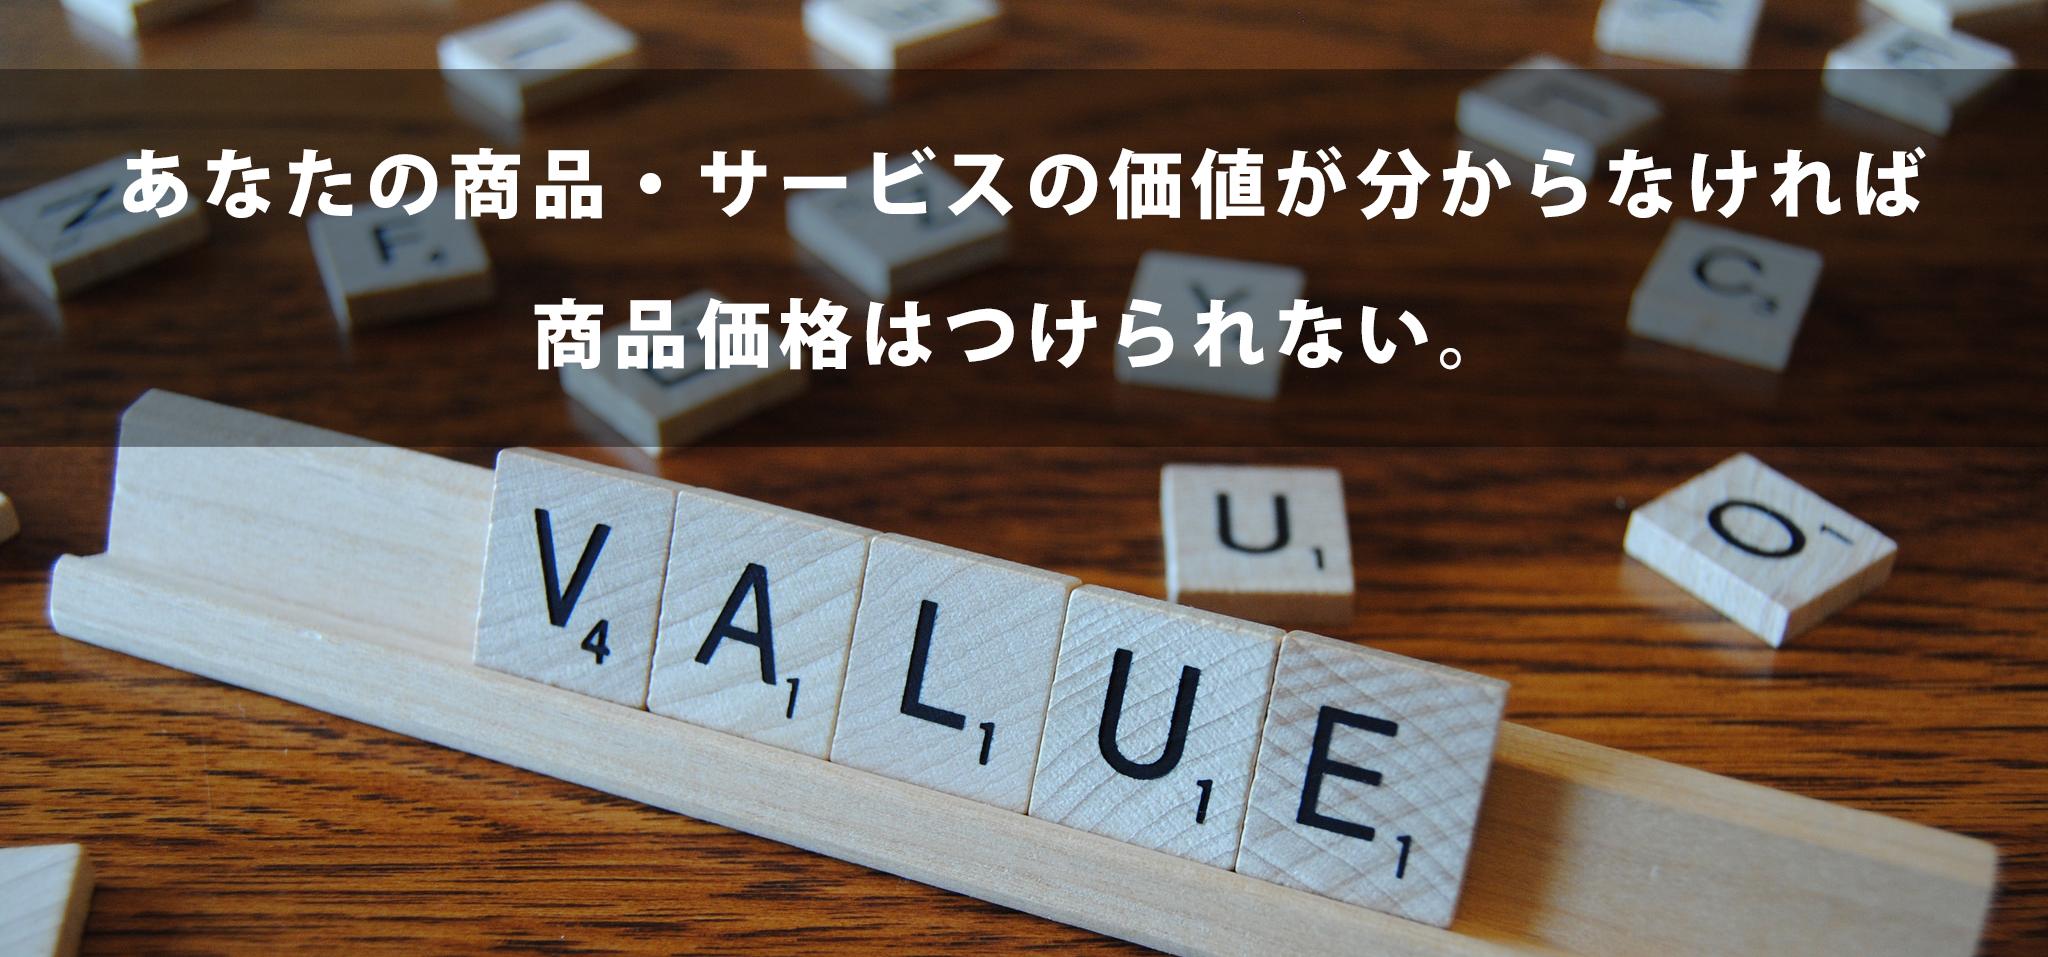 7つの価格設定モデルと商品価格の考え方